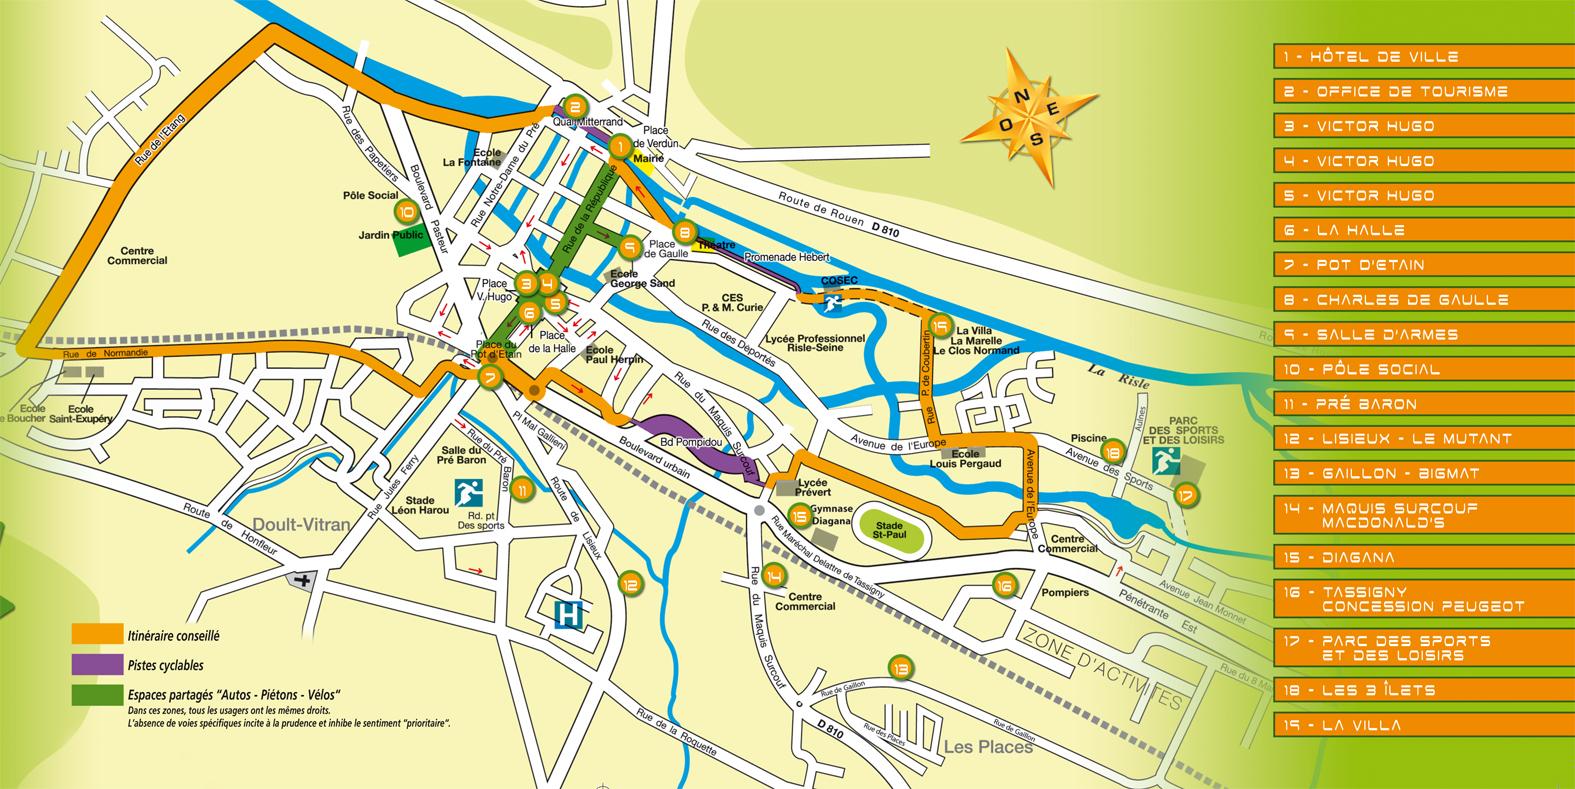 En-déplacement-doux-plan-des-cyclostations-Pont-Audemer